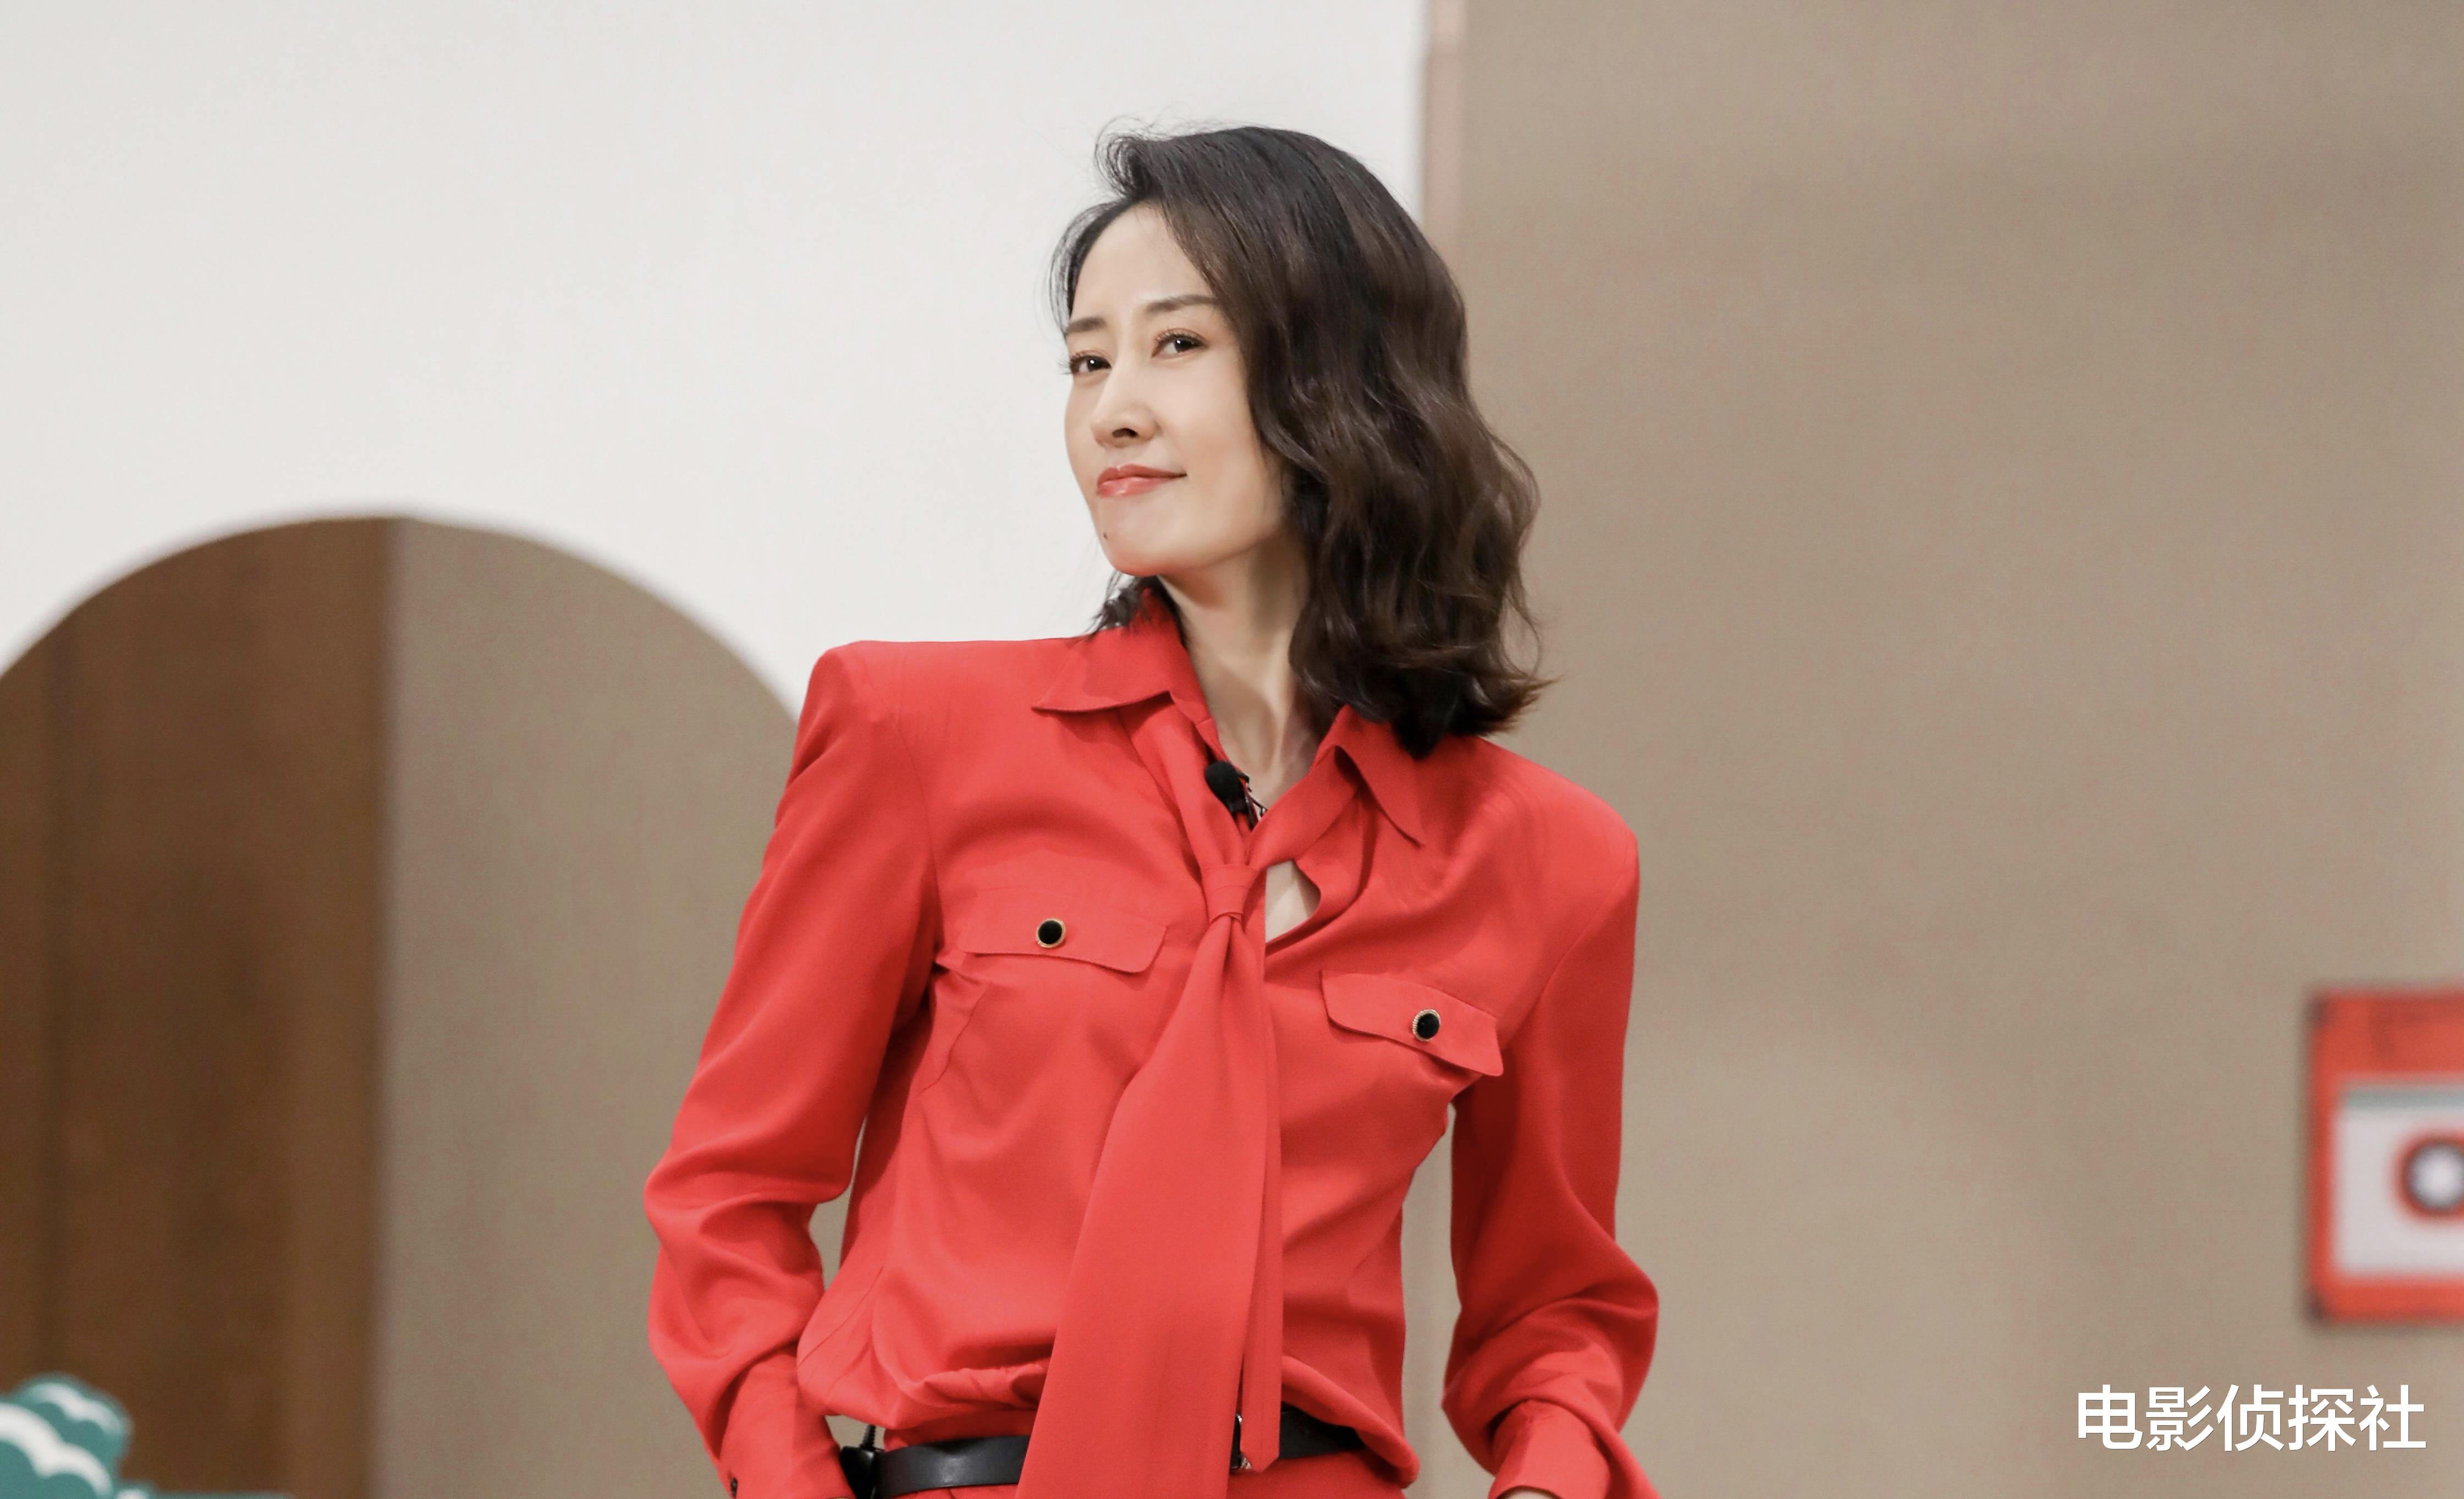 《浪姐2》已安排,范冰冰李小璐争议大,多位女艺人主动争取名额